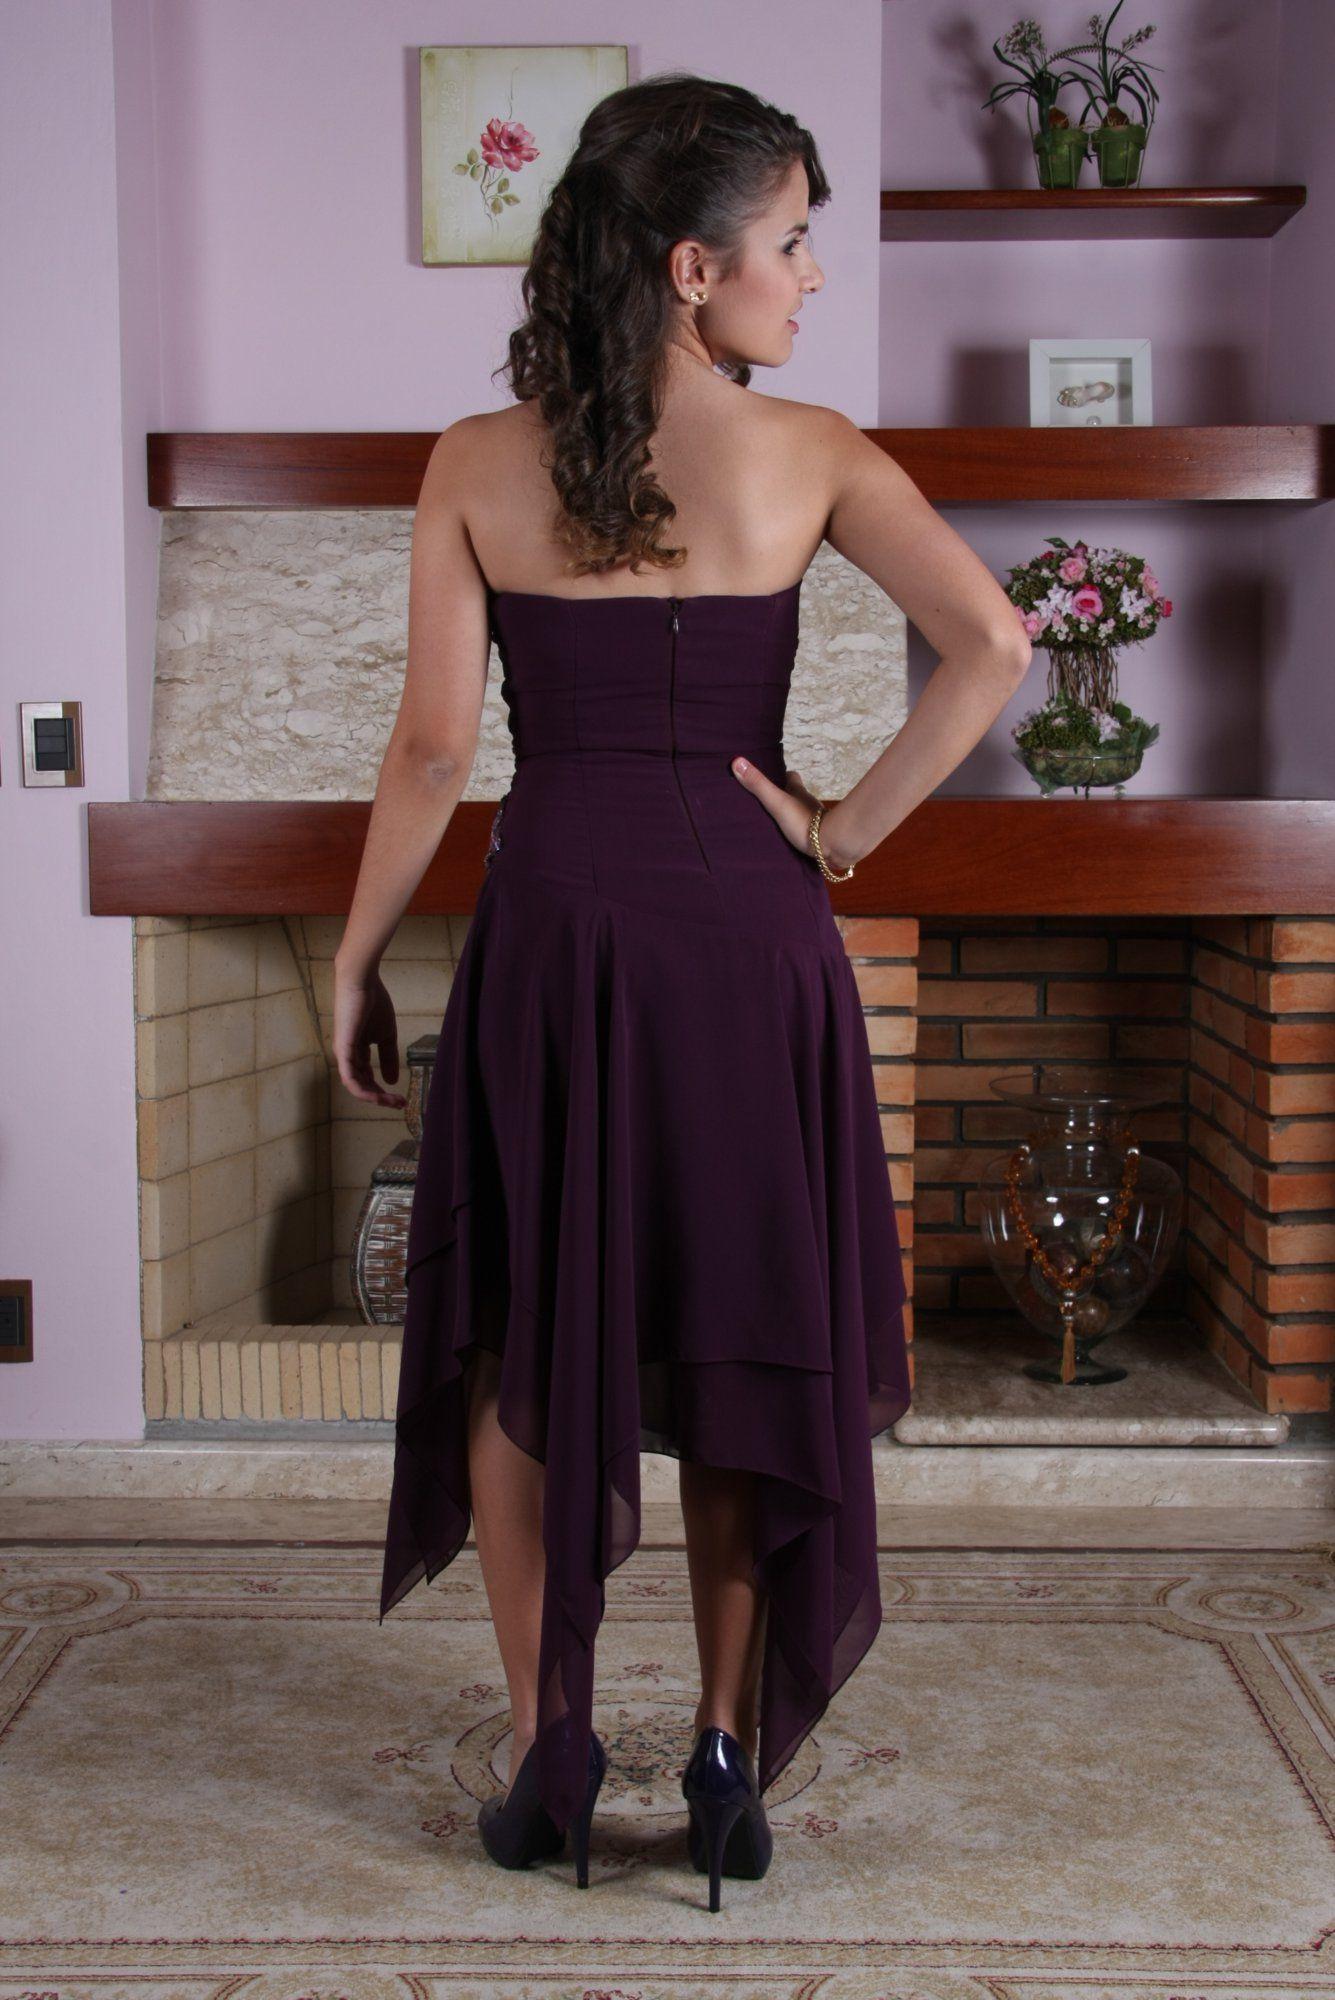 0e3fa6dda Vestido de Debutante Outros Modelos - 9 - 3 - Hipnose Alta Costura e Spa  para